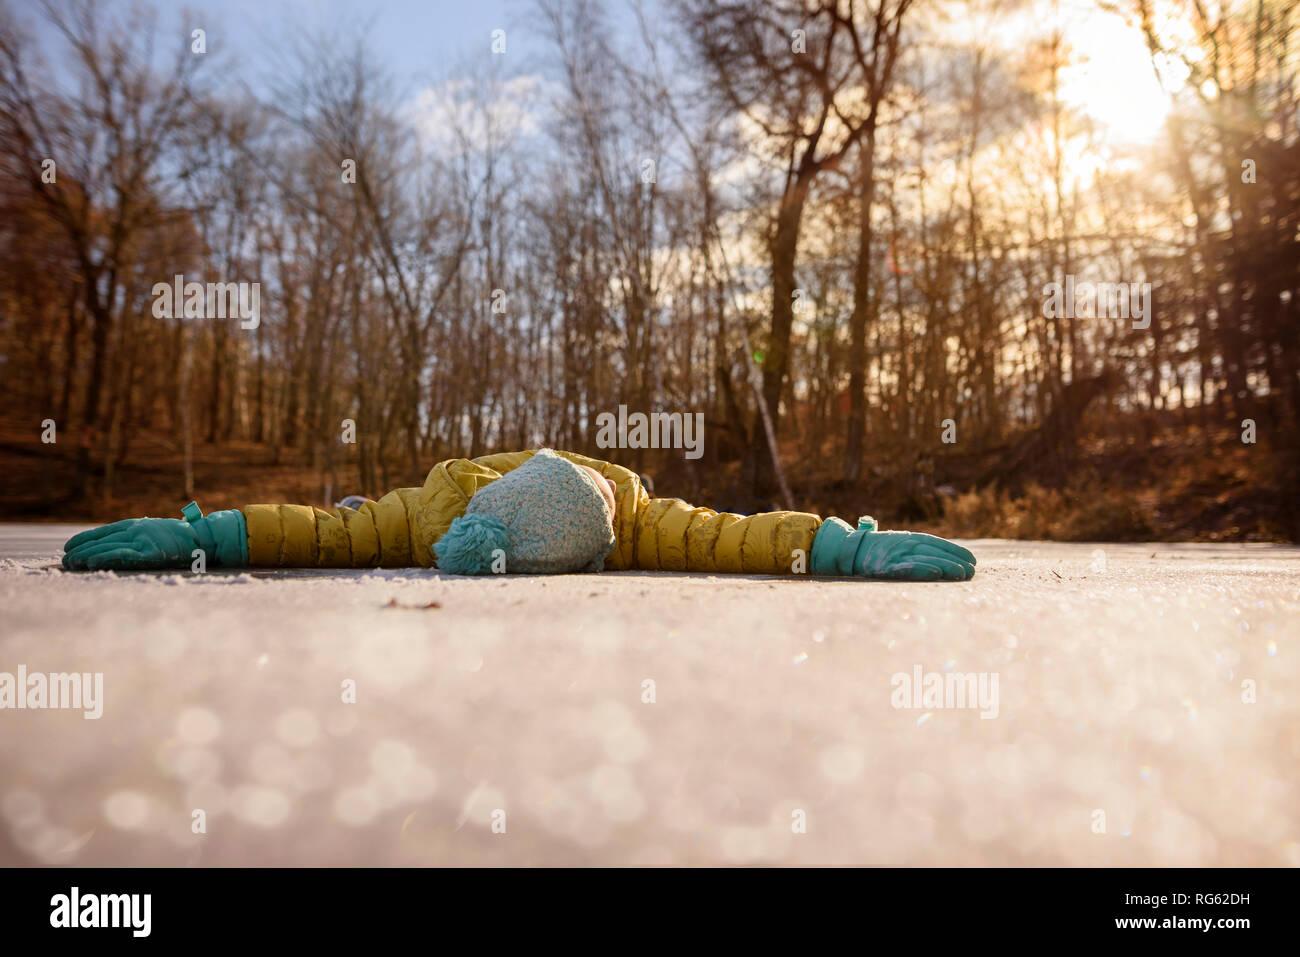 Fille couchée sur un étang gelé avec ses bras tendus, United States Banque D'Images